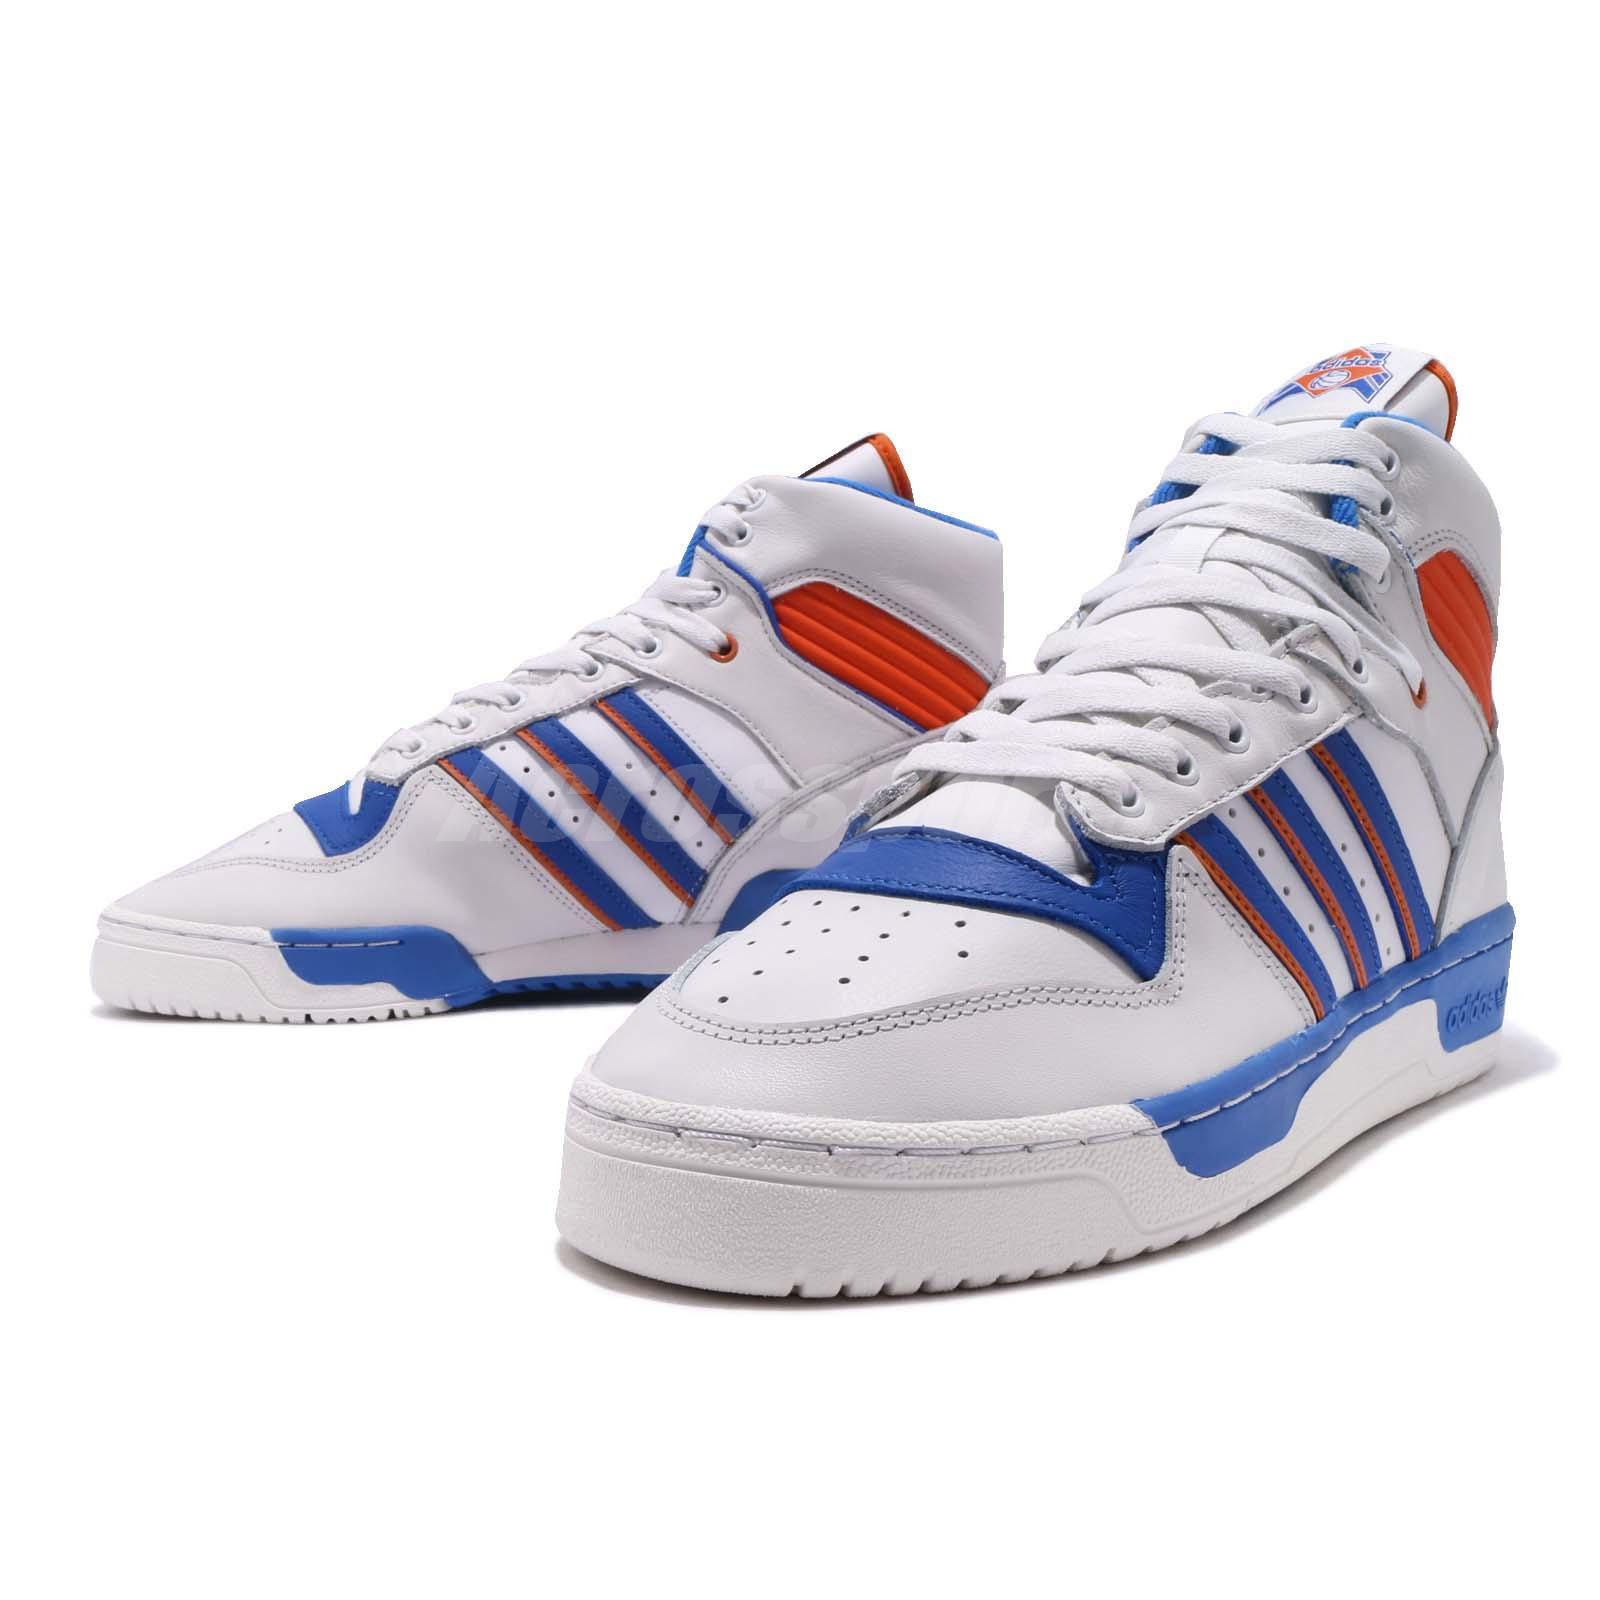 Detalles acerca de Adidas Originals Rivalry Blanco Azul Naranja Hombre Baloncesto Zapatos Tenis F34139 mostrar título original